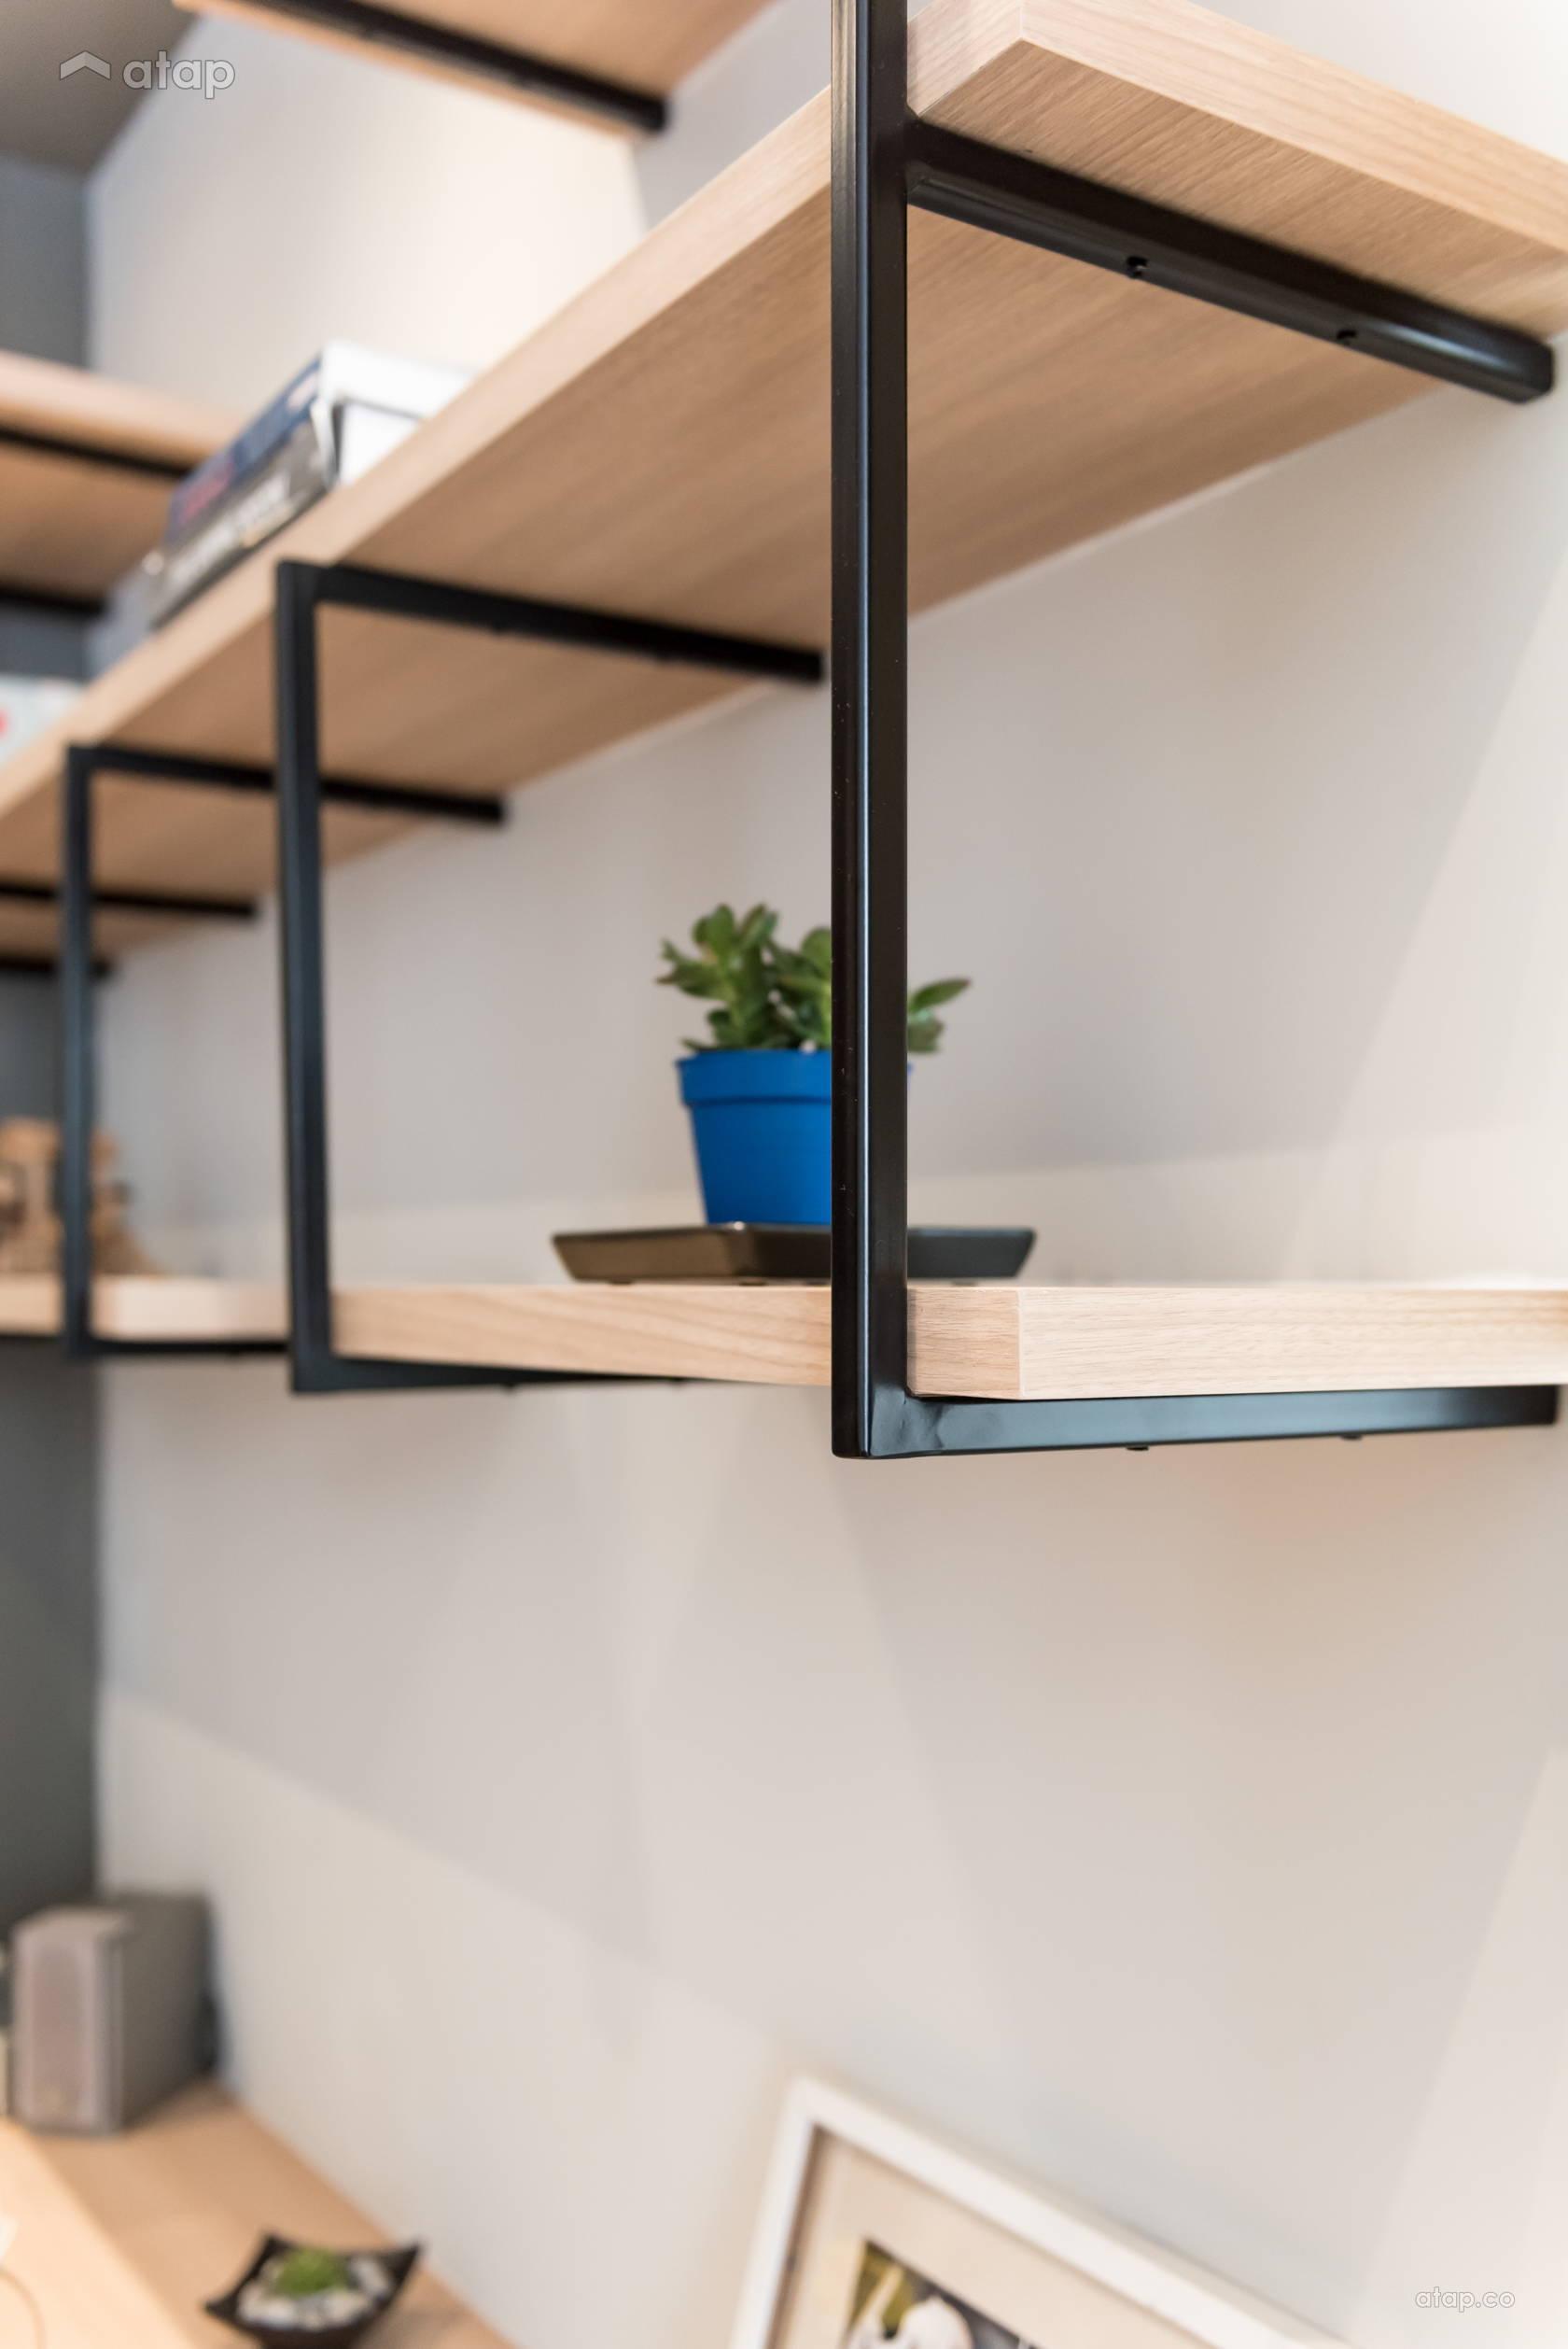 Condominium Study Room: Asian Contemporary Bedroom Study Room Condominium Design